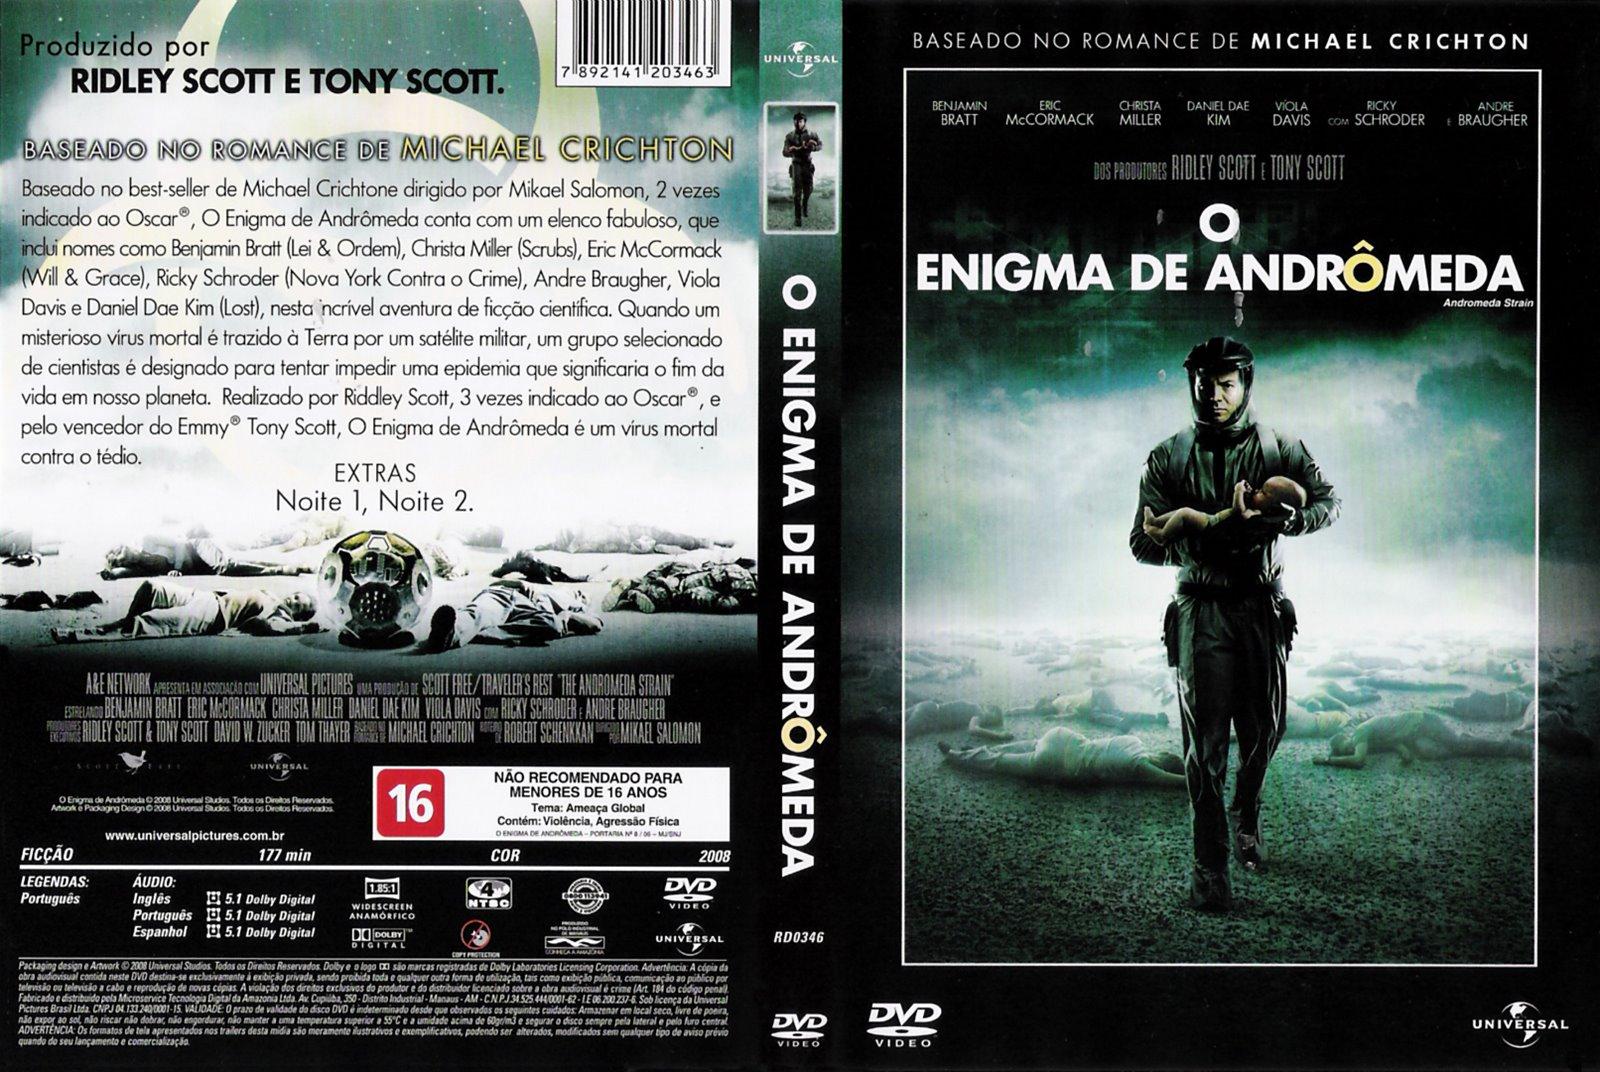 http://1.bp.blogspot.com/_pnOdTUC4iSY/TDR-rZPNyCI/AAAAAAAAAJE/5ae2_1-rtqk/s1600/o+enigma+de+andromeda.jpg